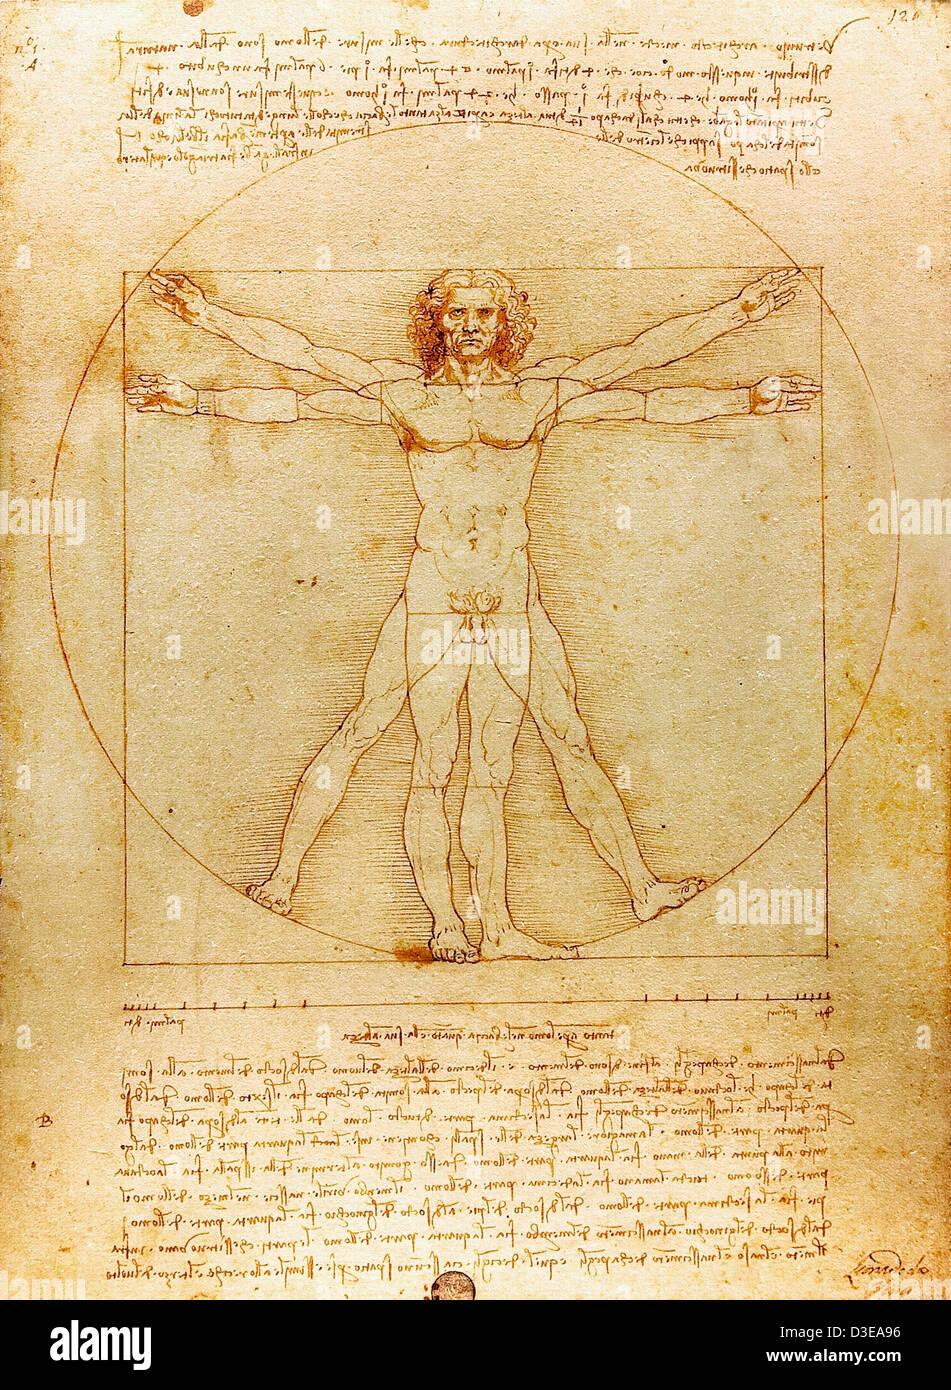 Leonardo da Vinci, l'homme de Vitruve 1490 Plume et encre sur papier. Gallerie dell'Accademia de Venise, Italie Banque D'Images